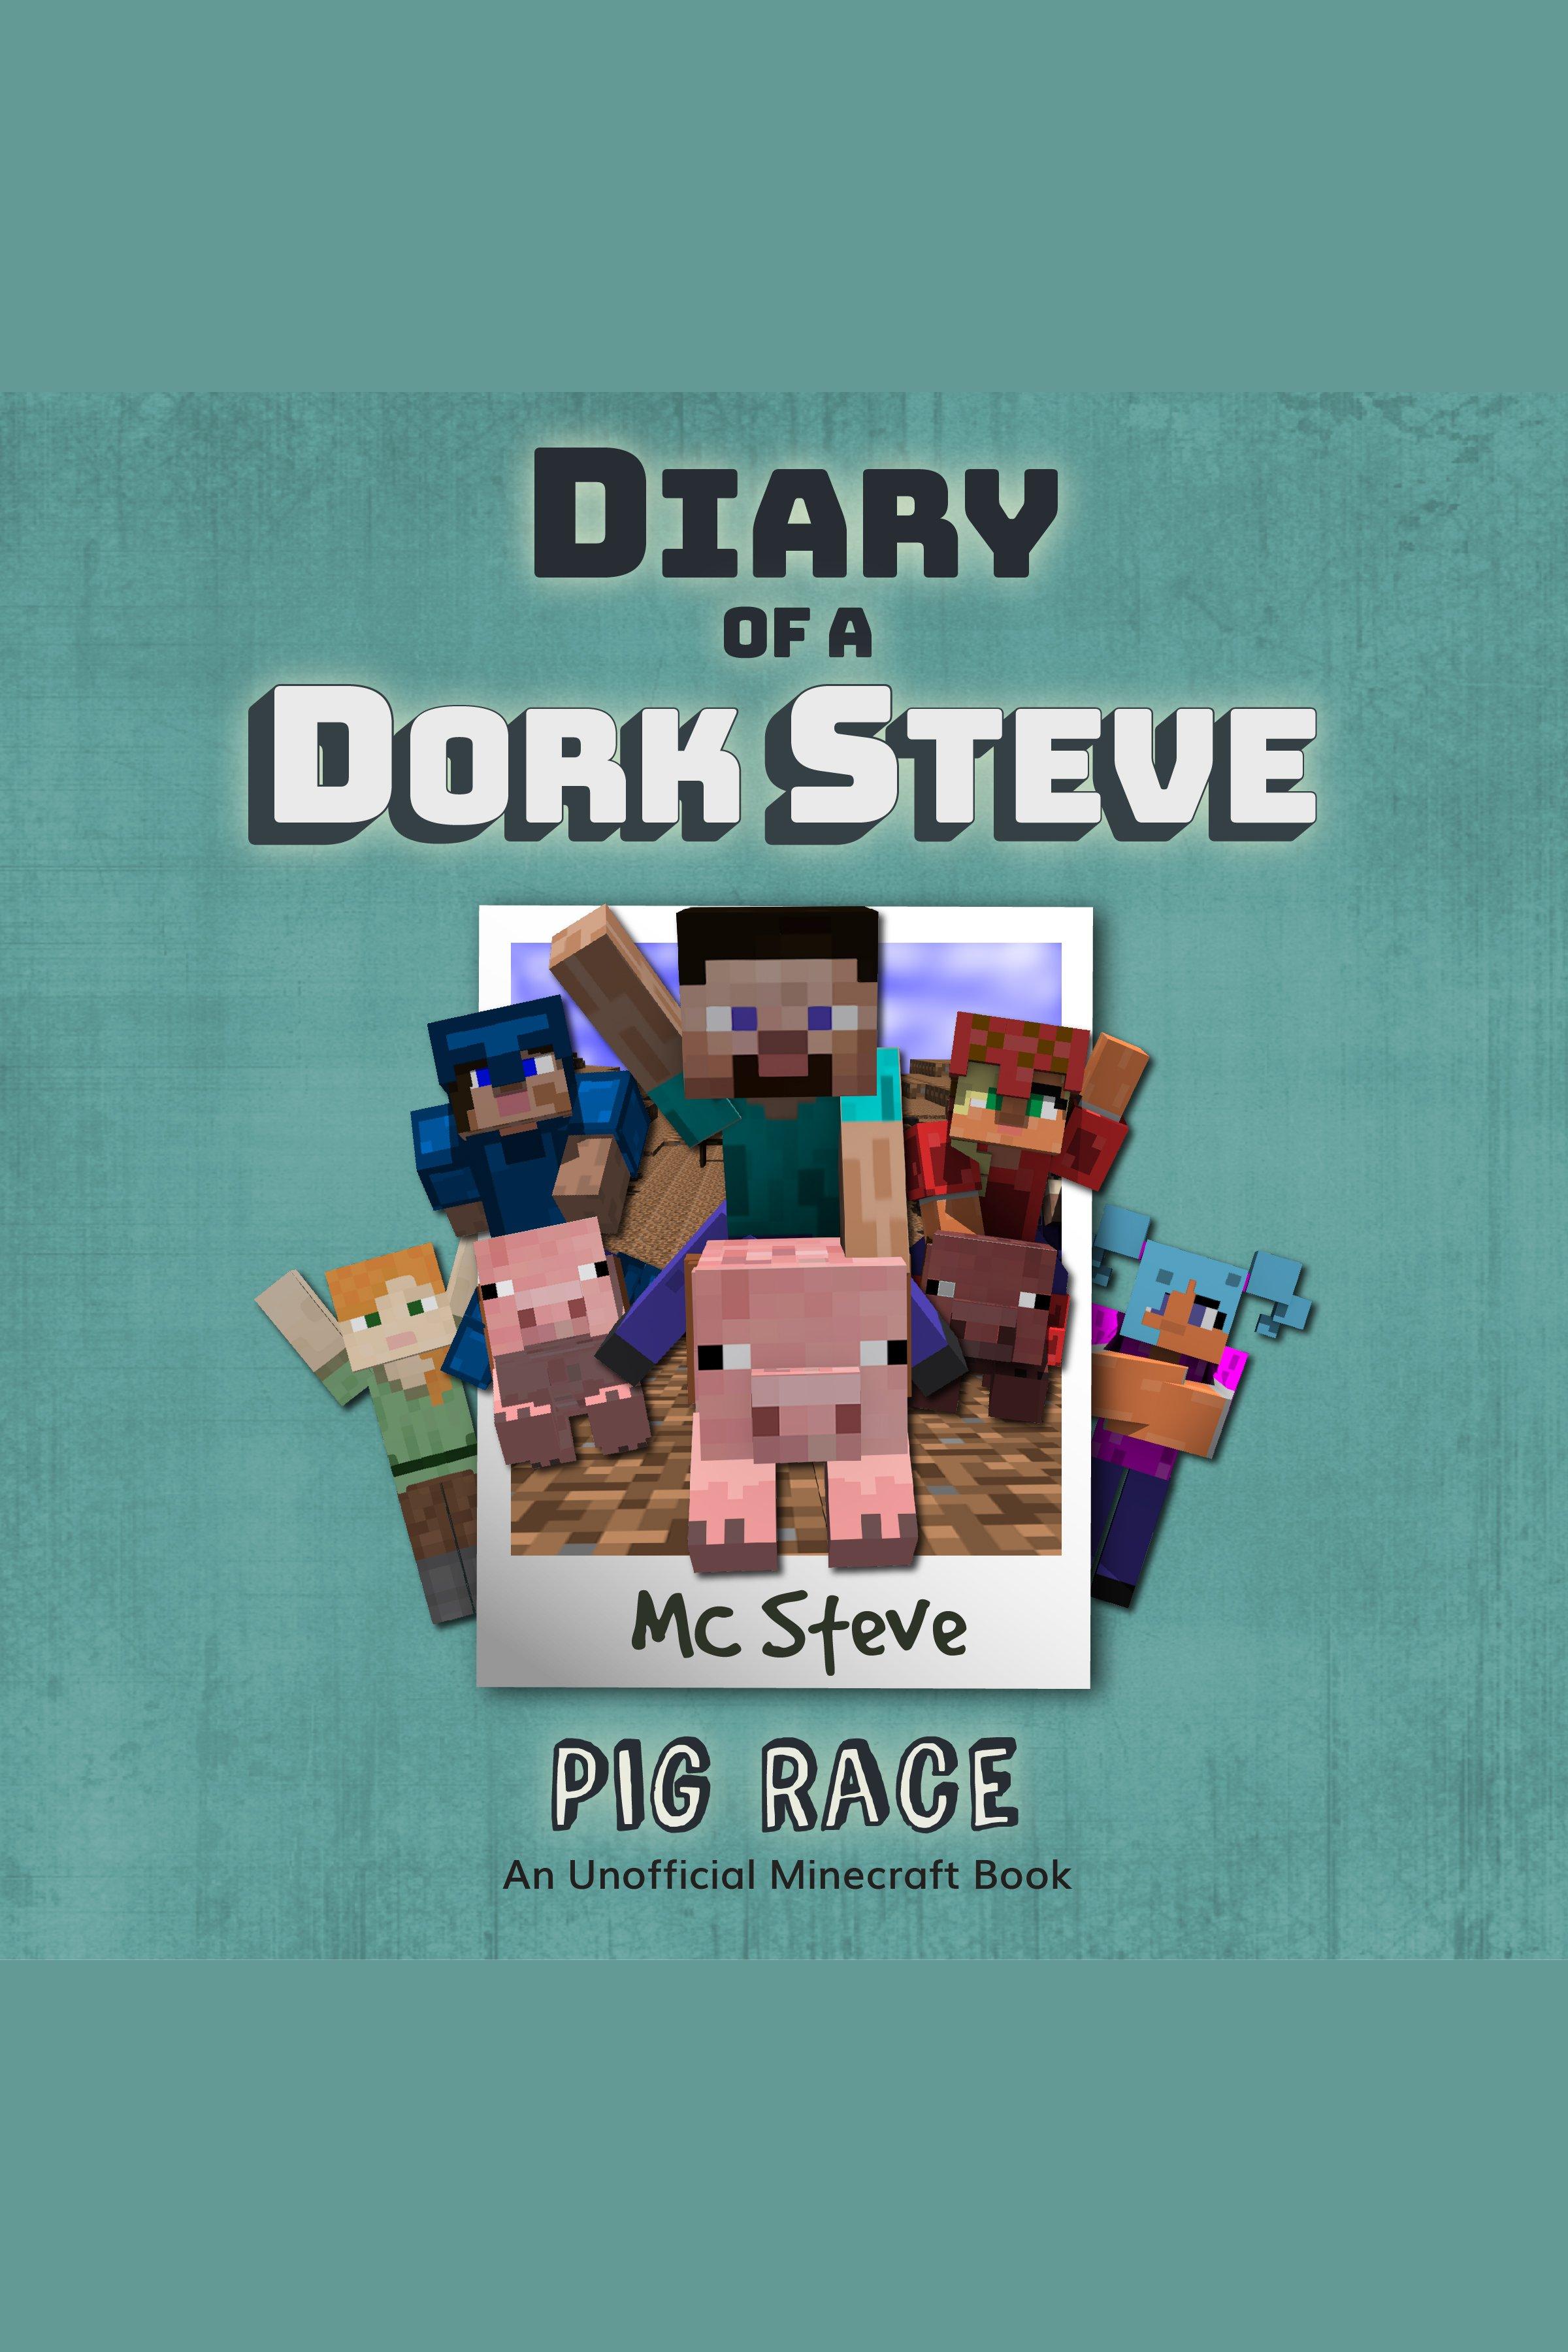 Diary Of A Minecraft Dork Steve Book 4: Pig Race (An Unofficial Minecraft Book)